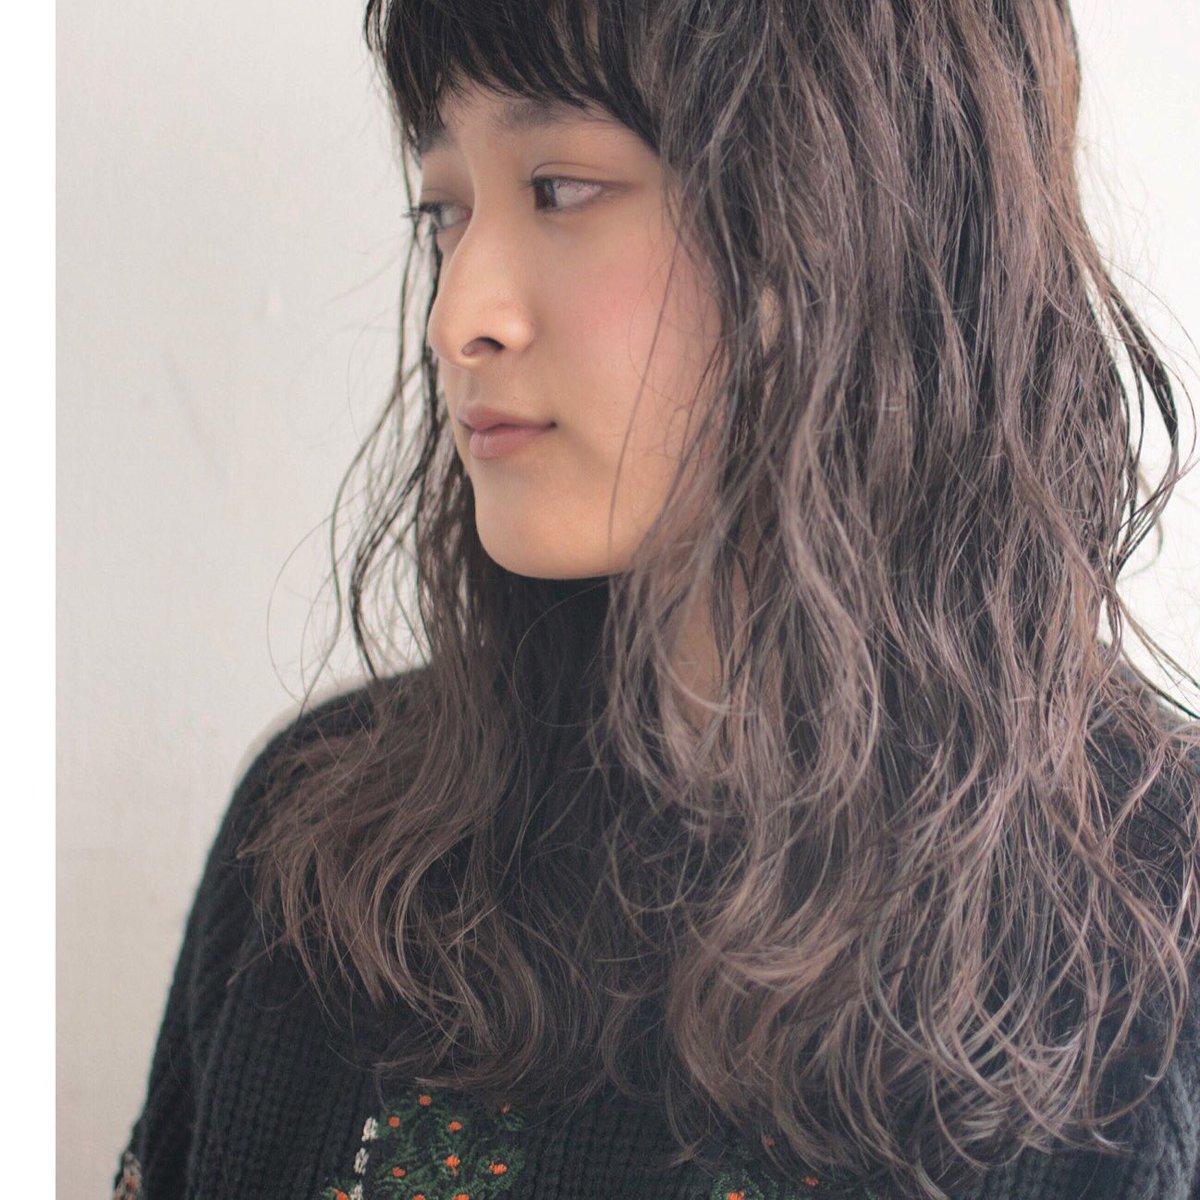 重すぎず、軽すぎず、クセ毛よりも可愛くパーマをかけます。 エアウェーブパーマは髪に最適な温度の温風でかけるパーマなので、手触り柔らかダメージレスです。